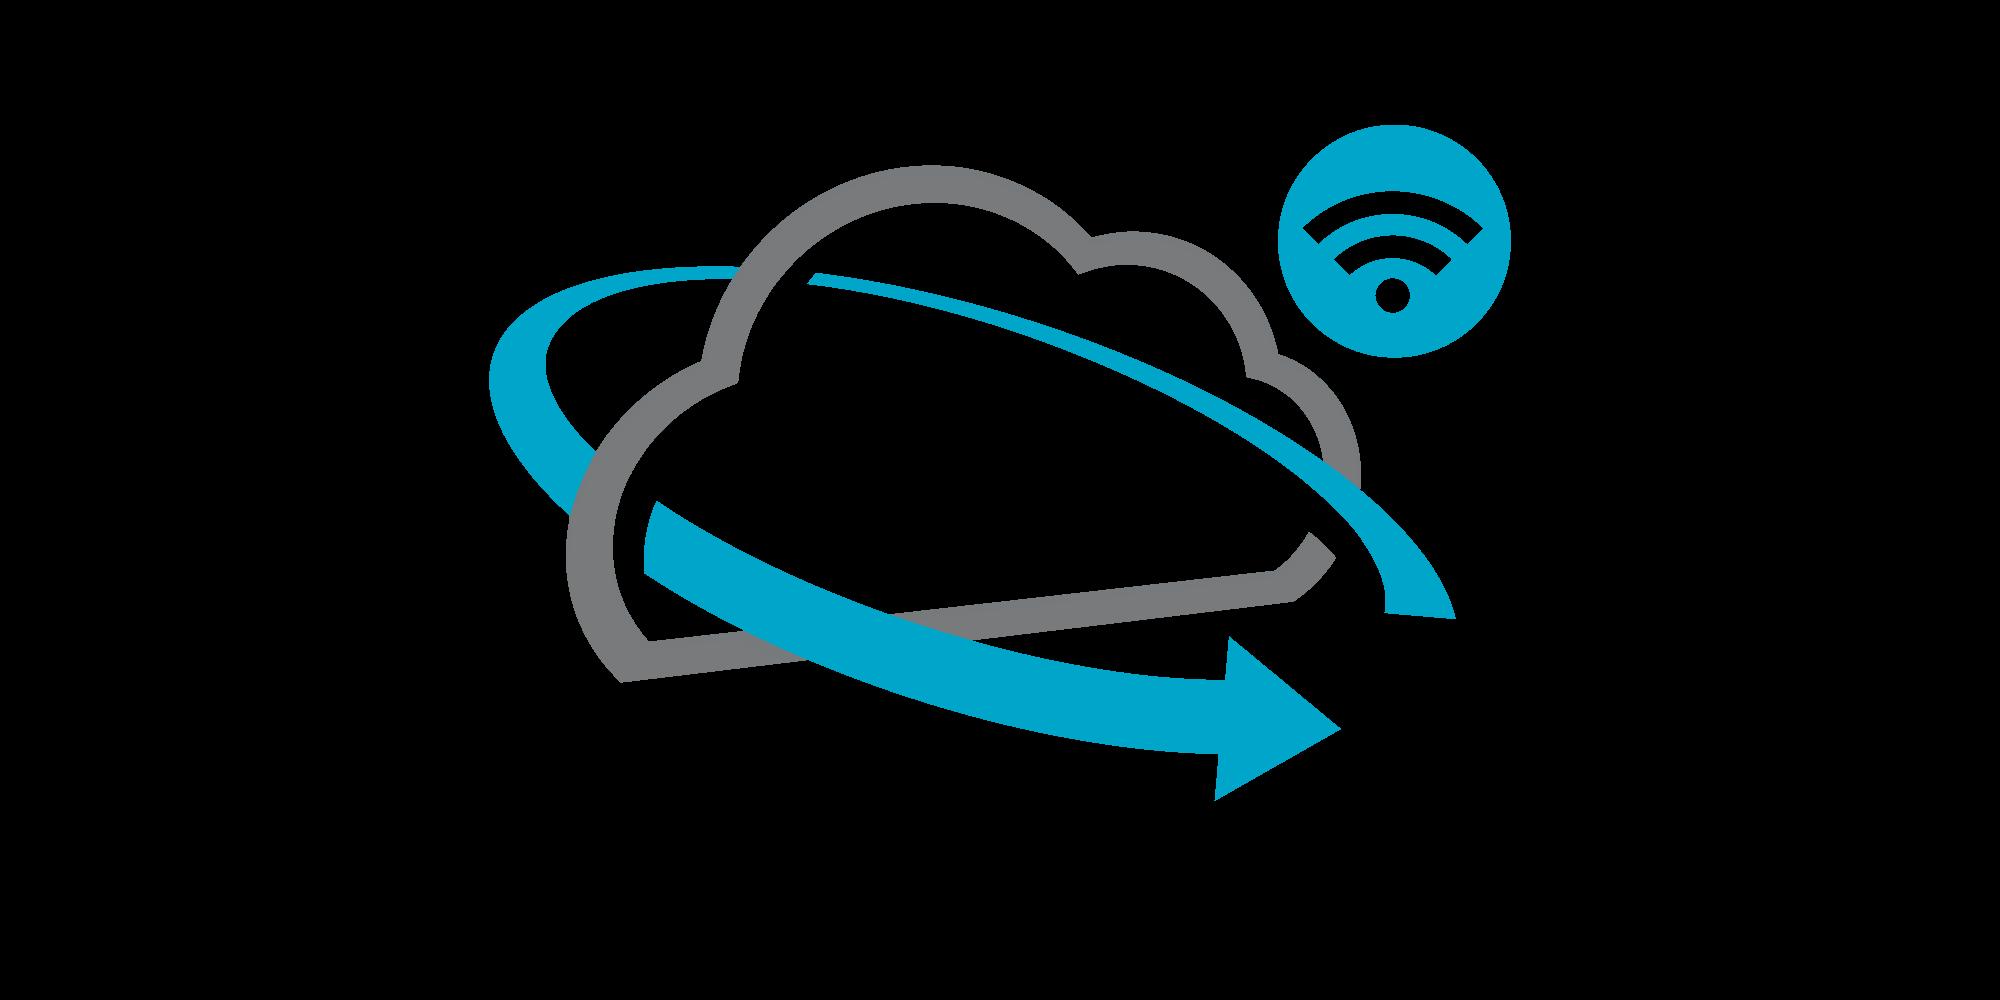 crisstel.ro Managementul conexiunii WiFi la ESP8266 Circuitul WiFi Espressif ESP8266 a reprezentat o evoluție importantă în universul plăcilor de dezvoltare conectivitate WiFi la un preț derizoriu și ușurință de programare conectarea la Internet prin intermediul unui Acces Point activarea ca un Acces Point funcționarea duală client WiFi și Acces point utilizarea protocoalelor http și https funcționarea ca server web sau server DNS Una dintre problemele care apare totuși la construirea unui dispozitiv bazat pe circuitul ESP8266 este managementul datelor de conectarea la rețea există o bibliotecă software ce permite automatizarea Această bibliotecă se numește WiFiManager